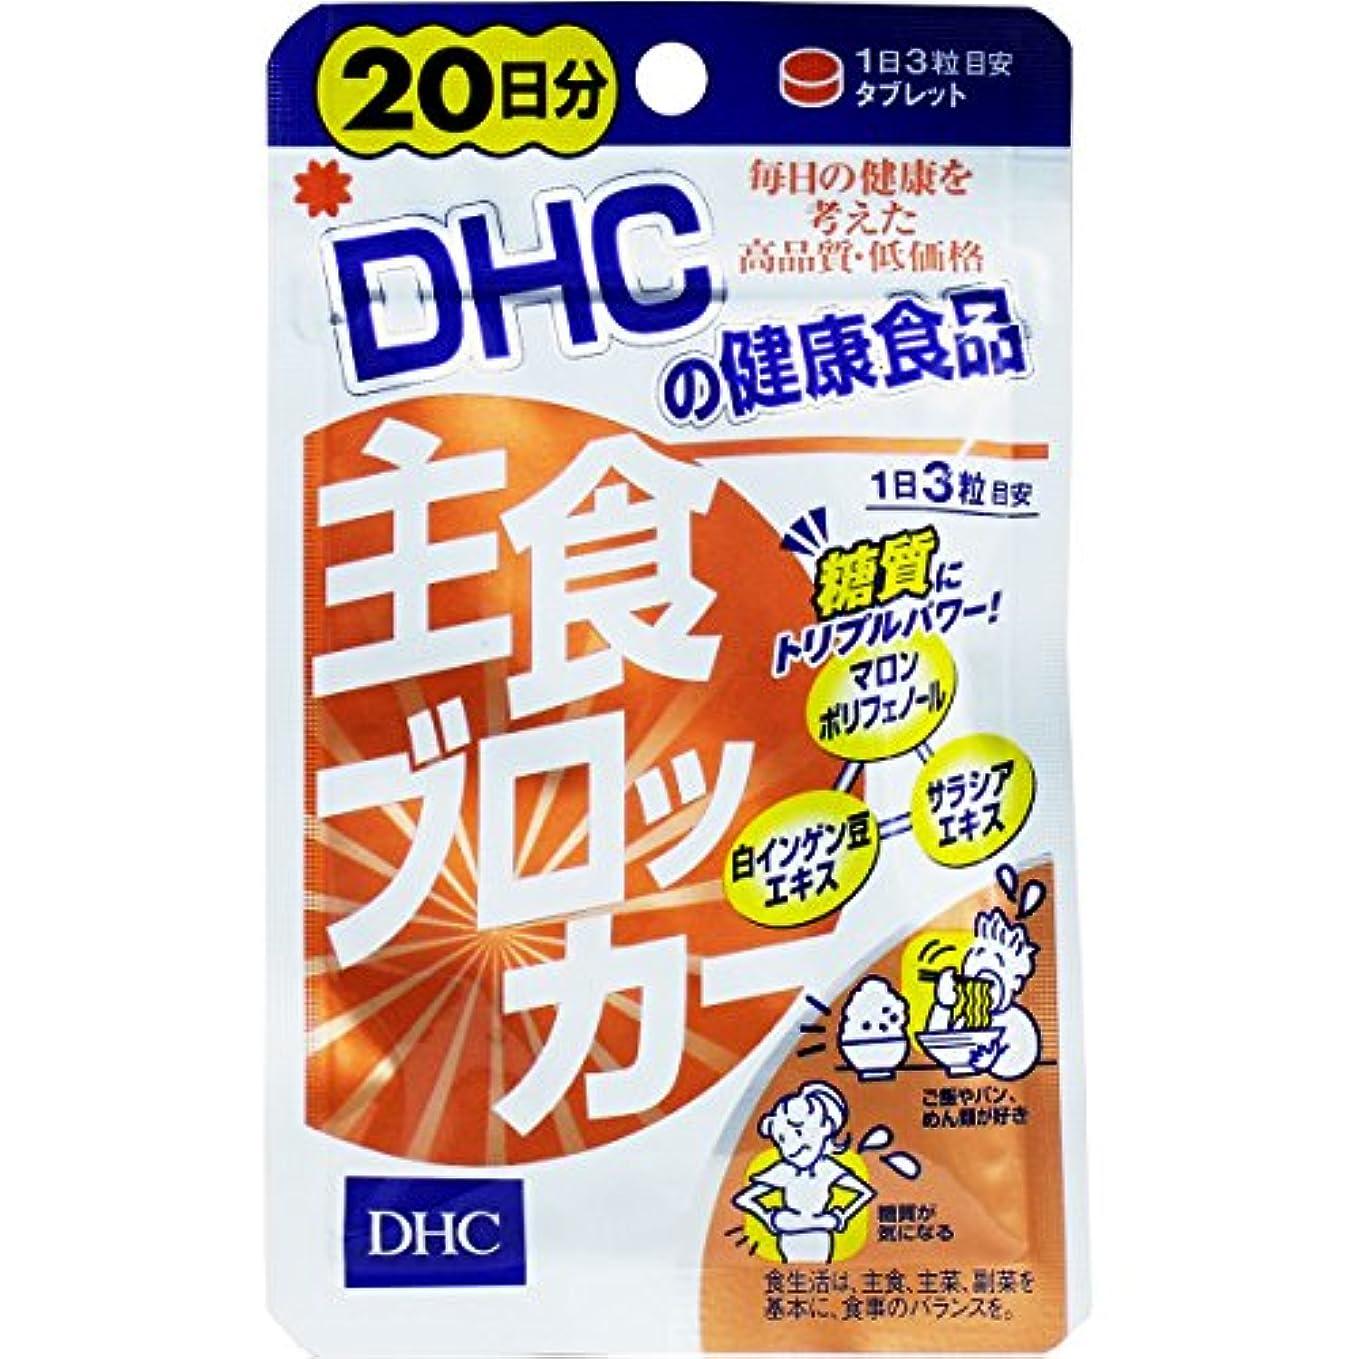 行列パトワ鰐お得な6個セット 炭水化物が好きな方へオススメ DHC 主食ブロッカー 20日分(60粒)